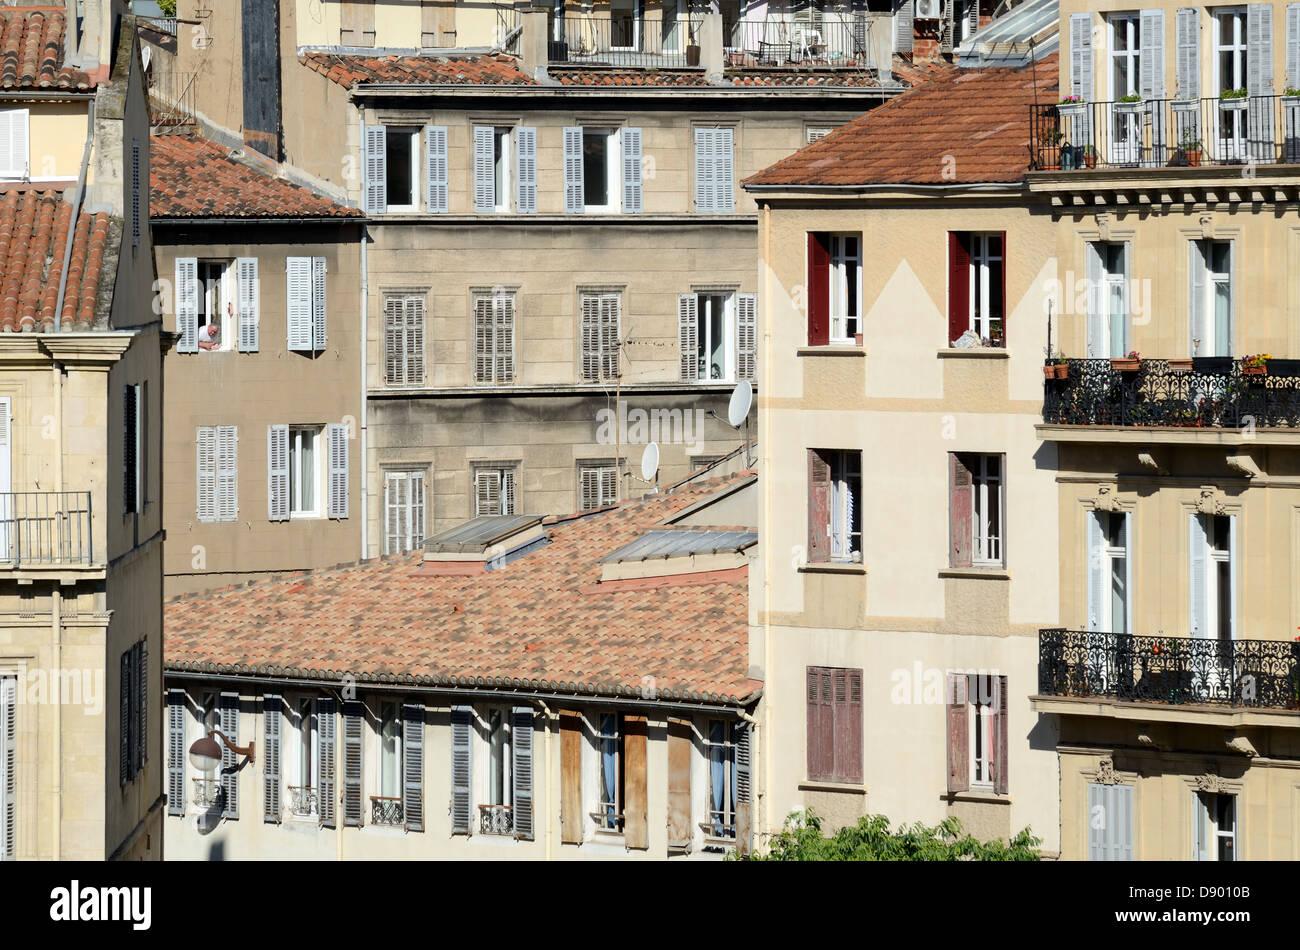 Periodo Appartamenti o architettura Longchamp Marsiglia Francia Immagini Stock